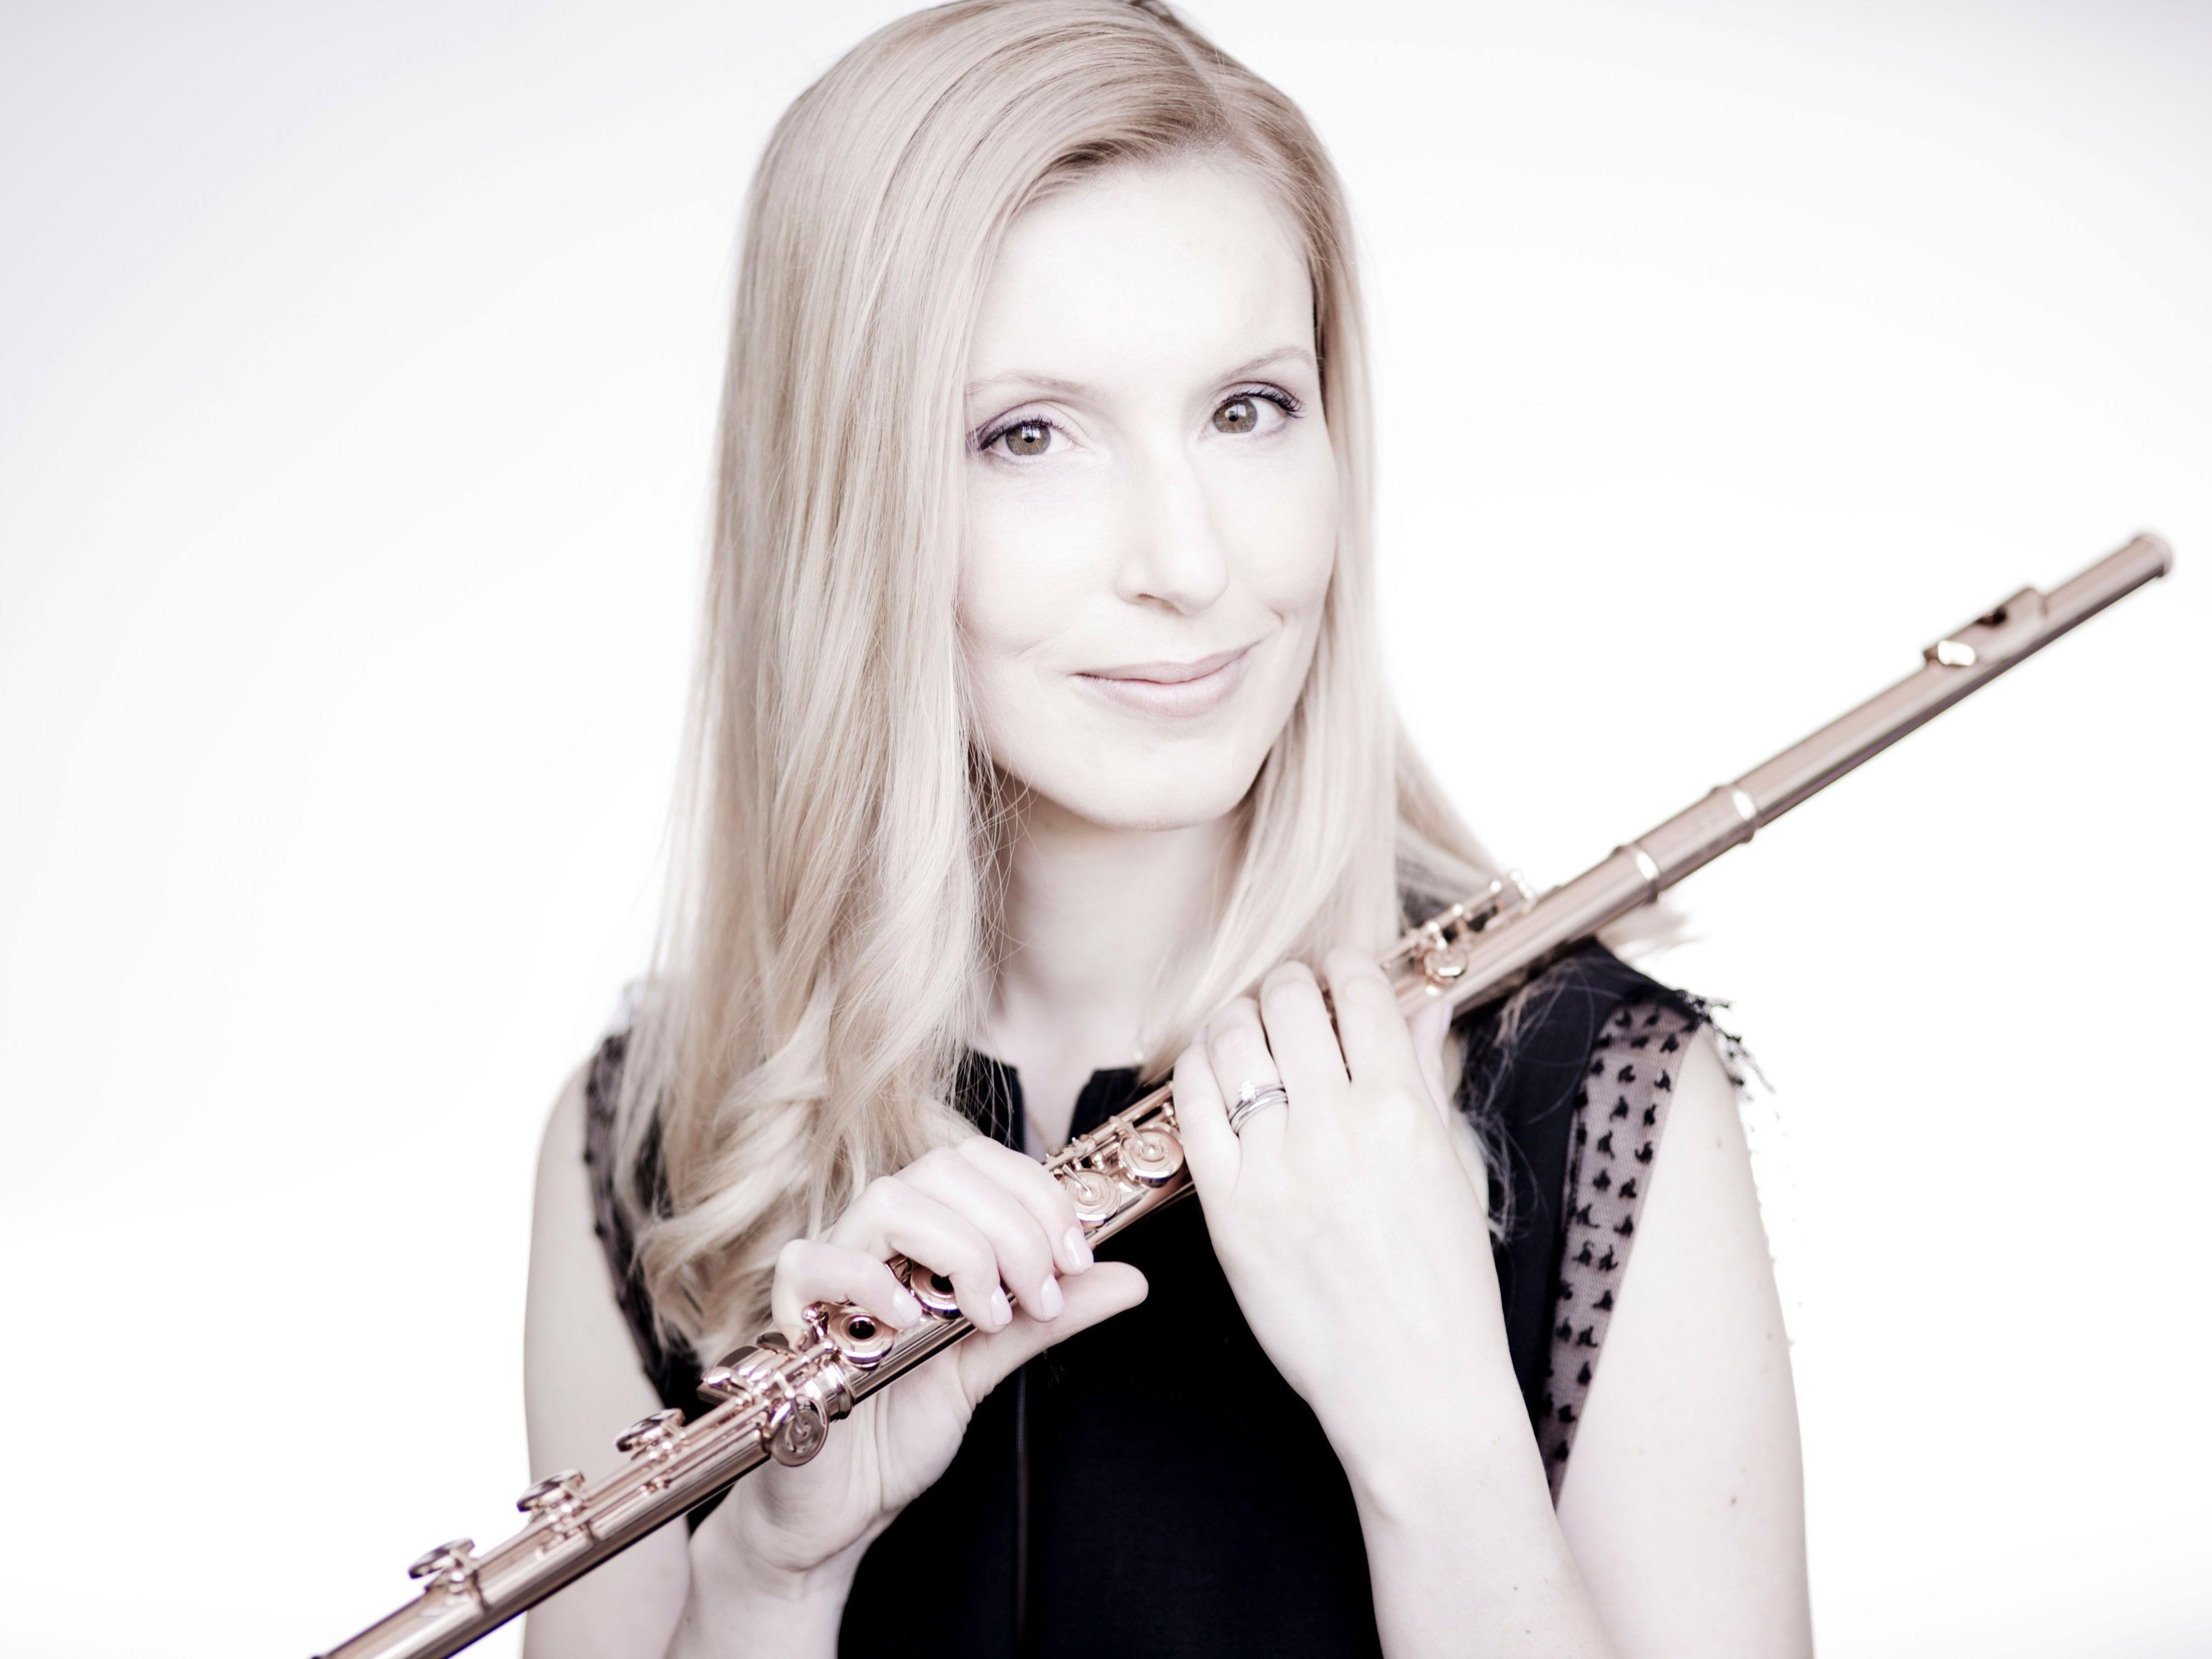 Nolwenn Bargin unterrichtet seit dem Wintersemester 2017/18 die Flötenklasse des Vorarlberger Landeskonservatoriums.